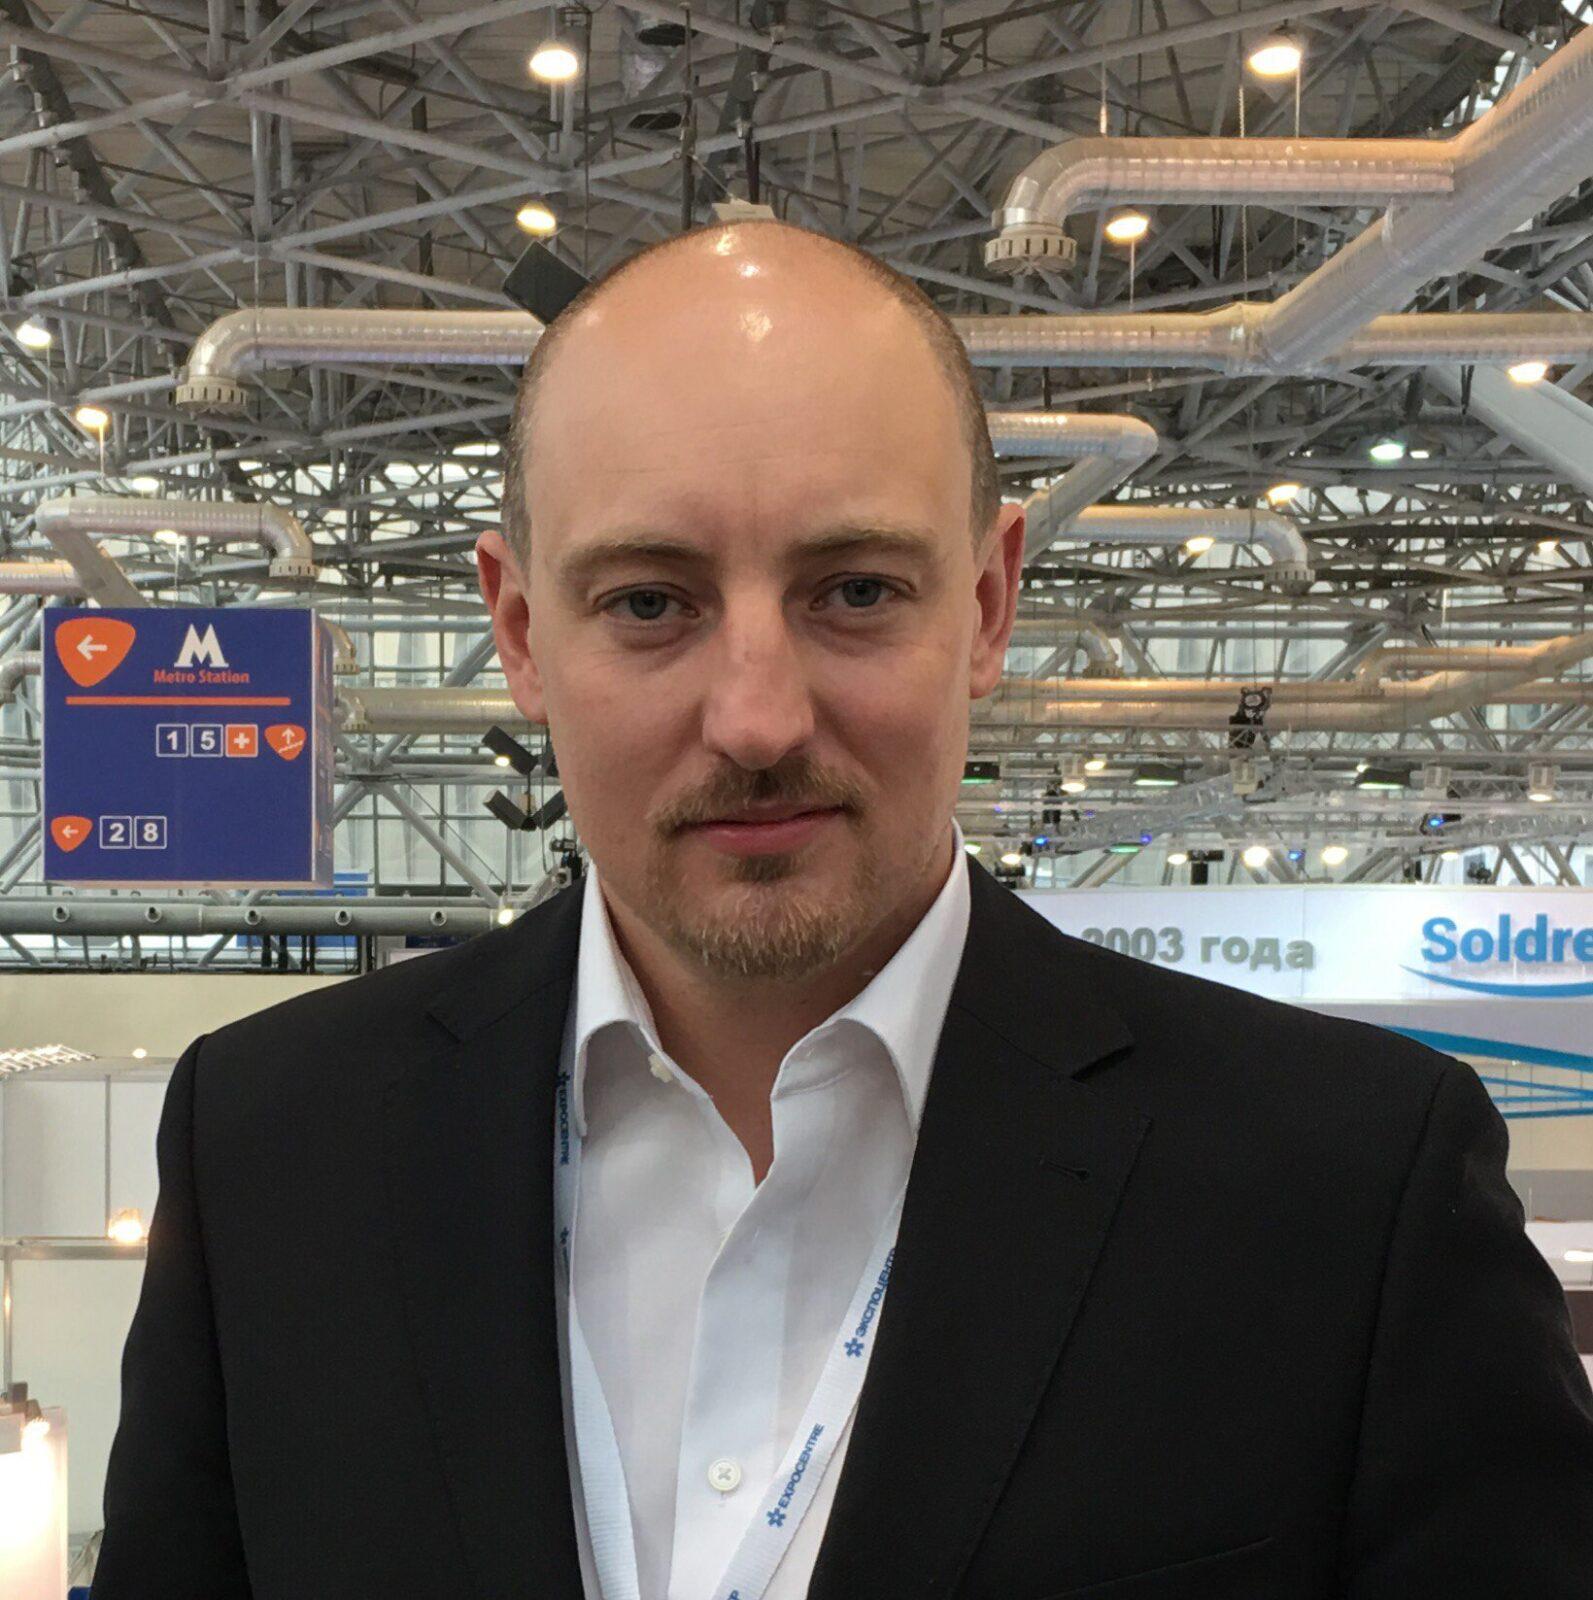 Андрей Дмитриев: Важно сбалансировать спрос и производство